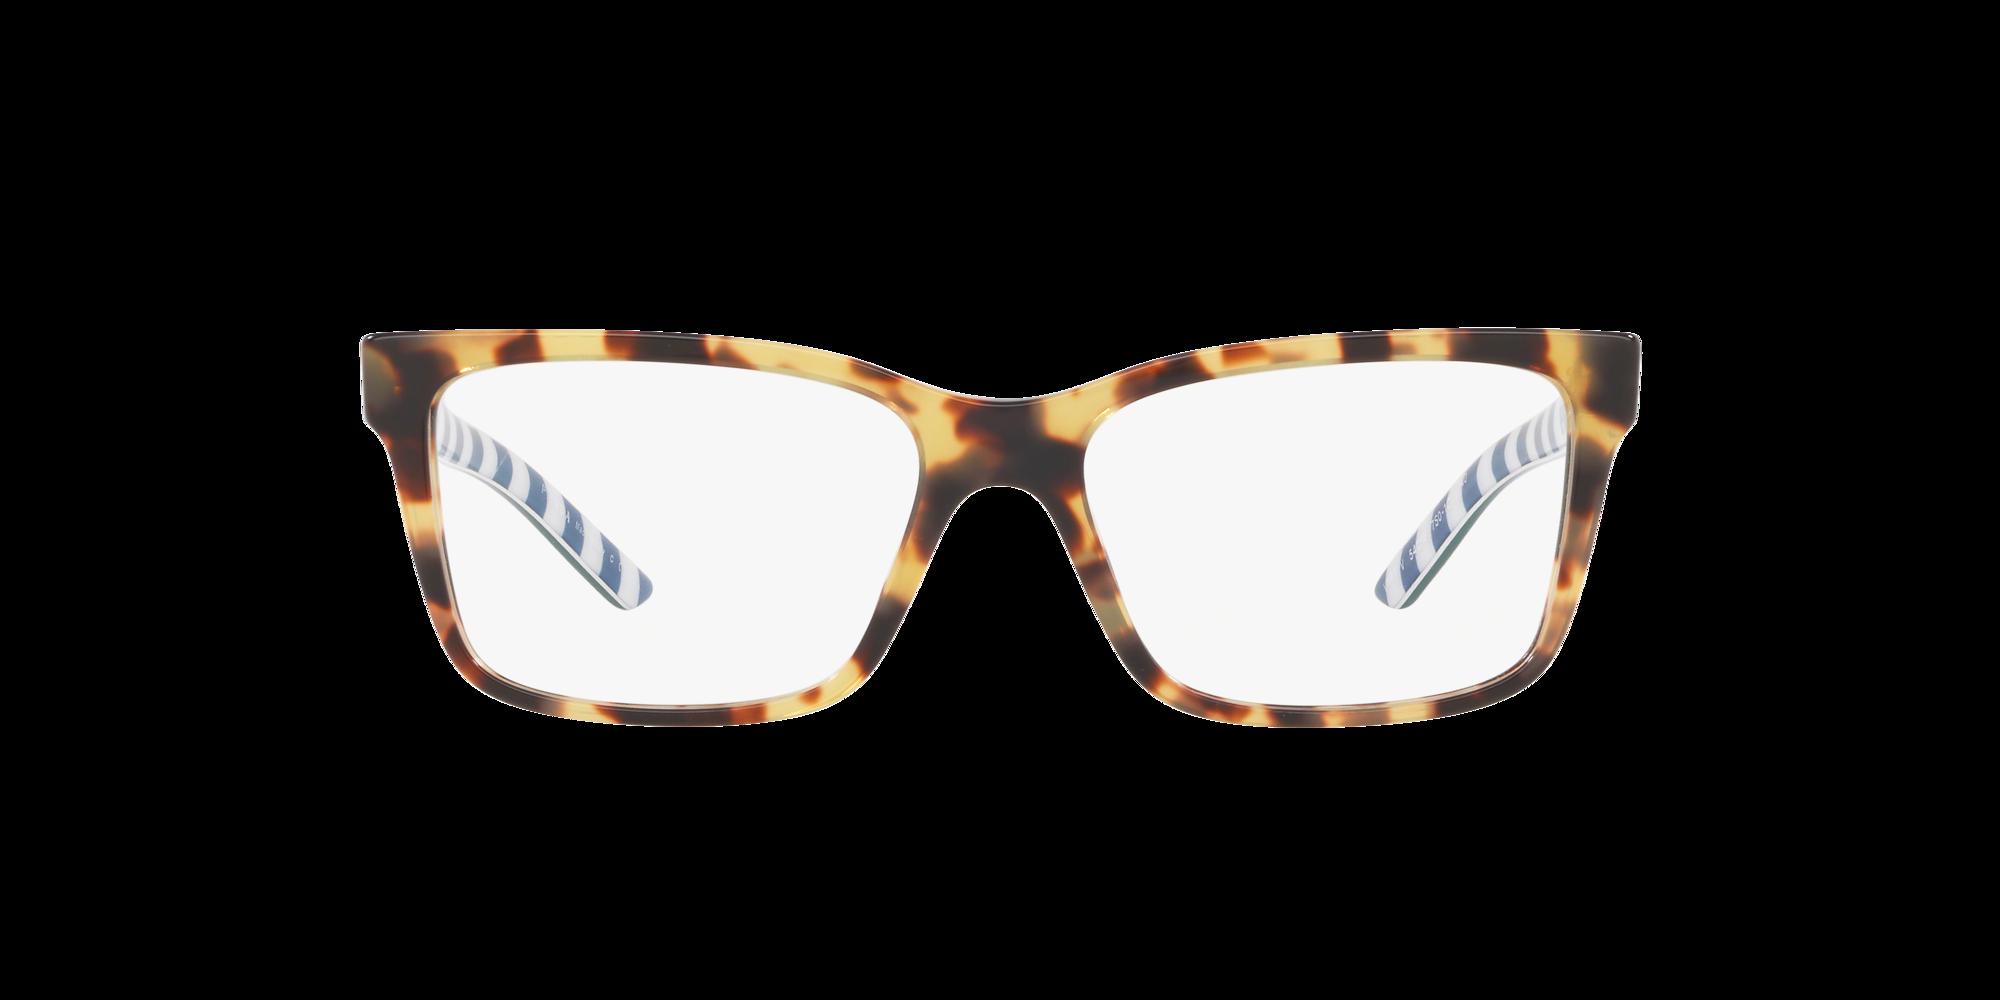 Imagen para PR 17VV MILLENNIALS de LensCrafters |  Espejuelos, espejuelos graduados en línea, gafas